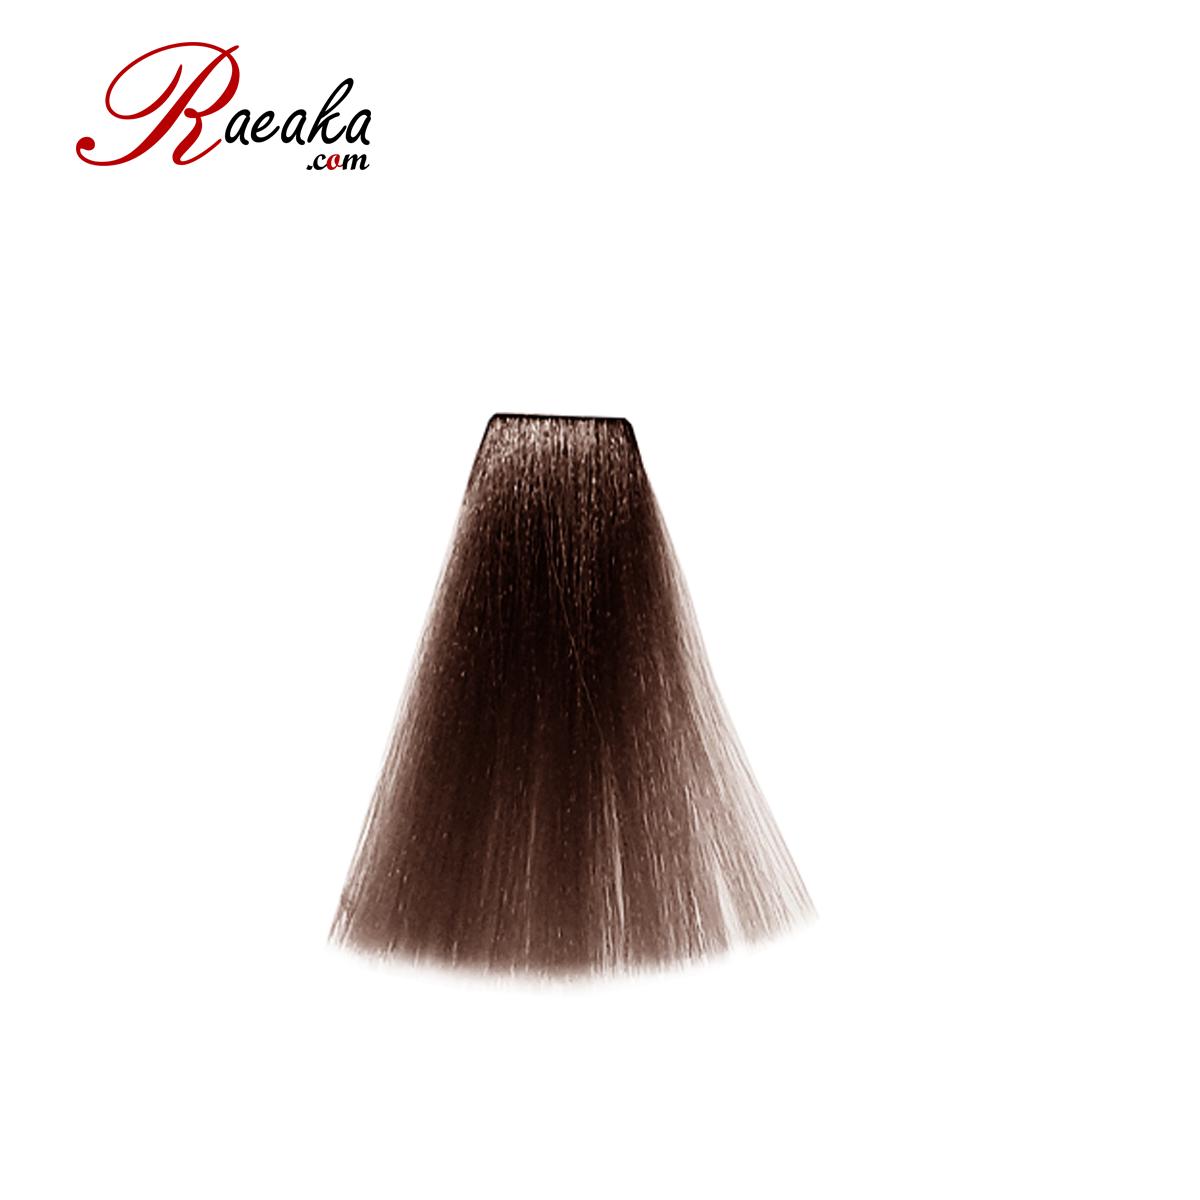 رنگ مو دوماسی سری رنگ های ترکیبی ارغوانی پاستل ۶٫۷۲۱ حجم ۱۲۰ میلی لیتر